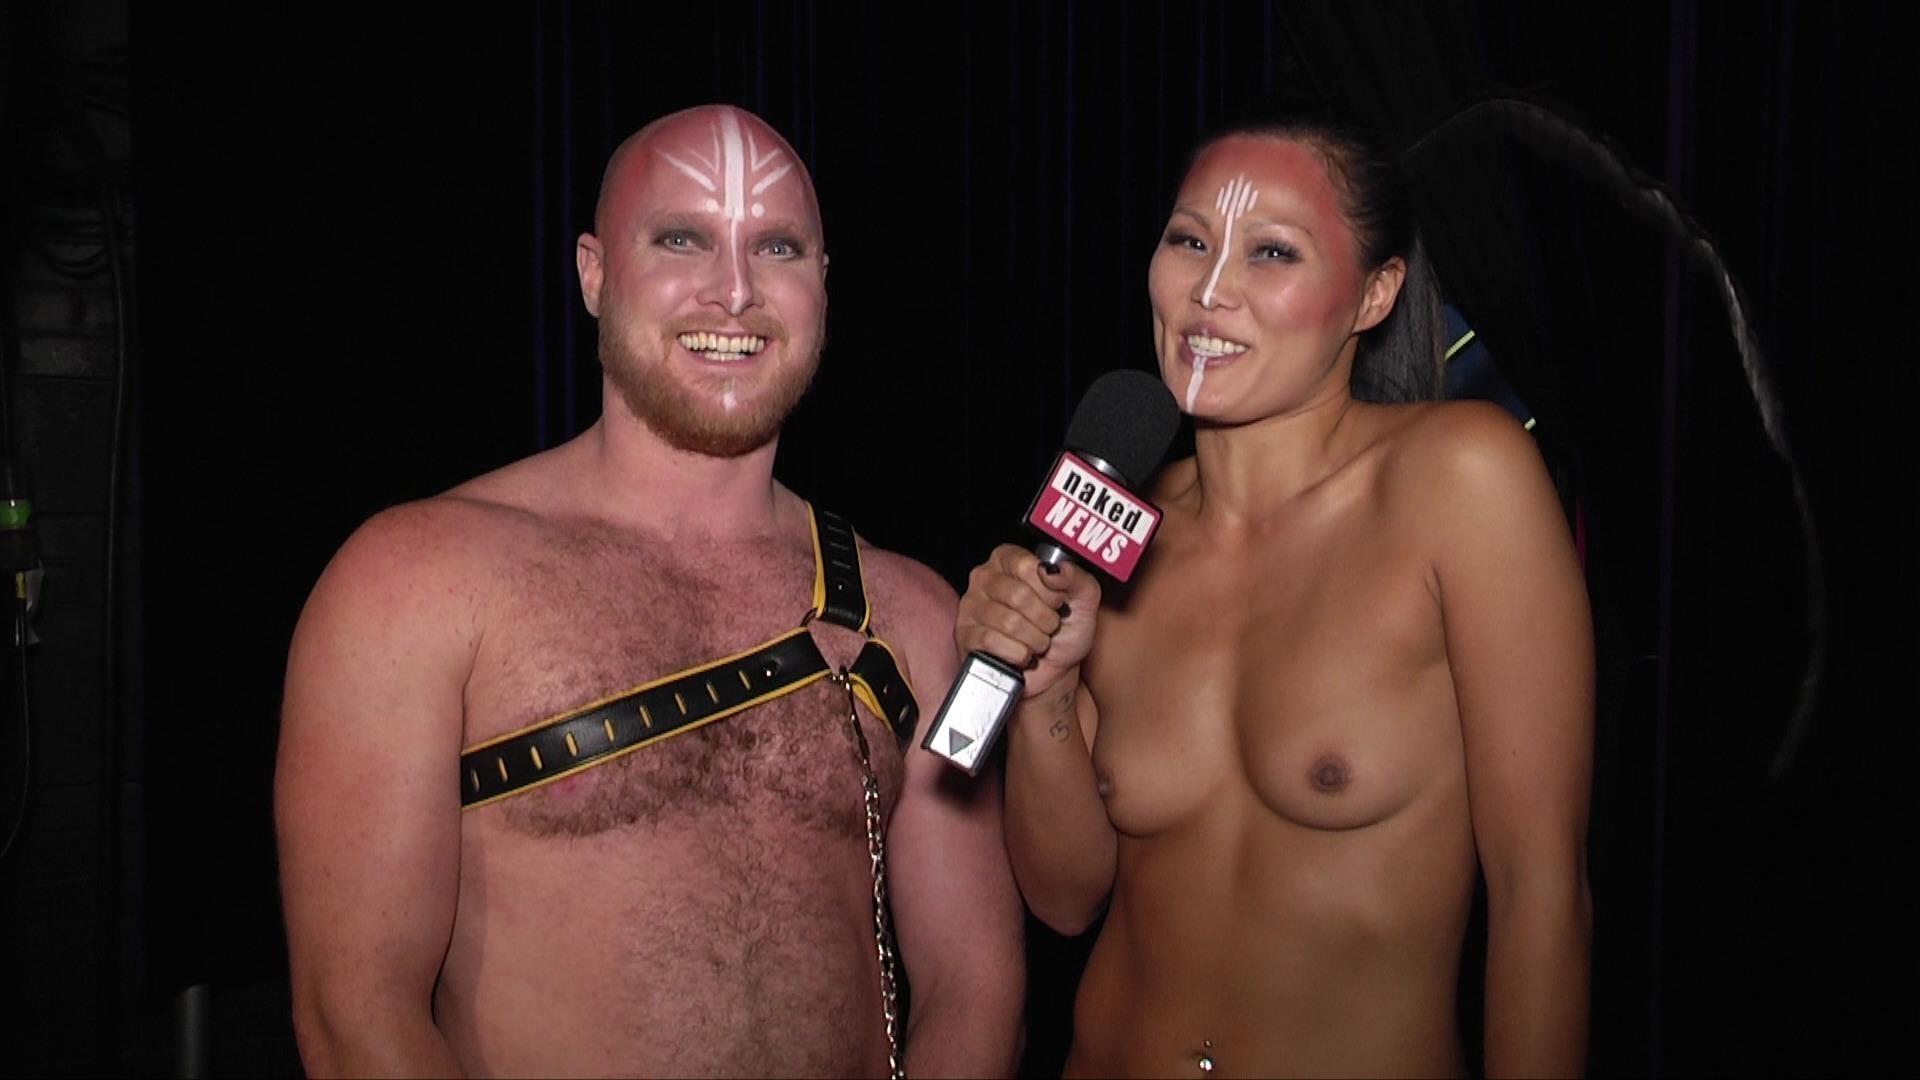 Carli bei nude